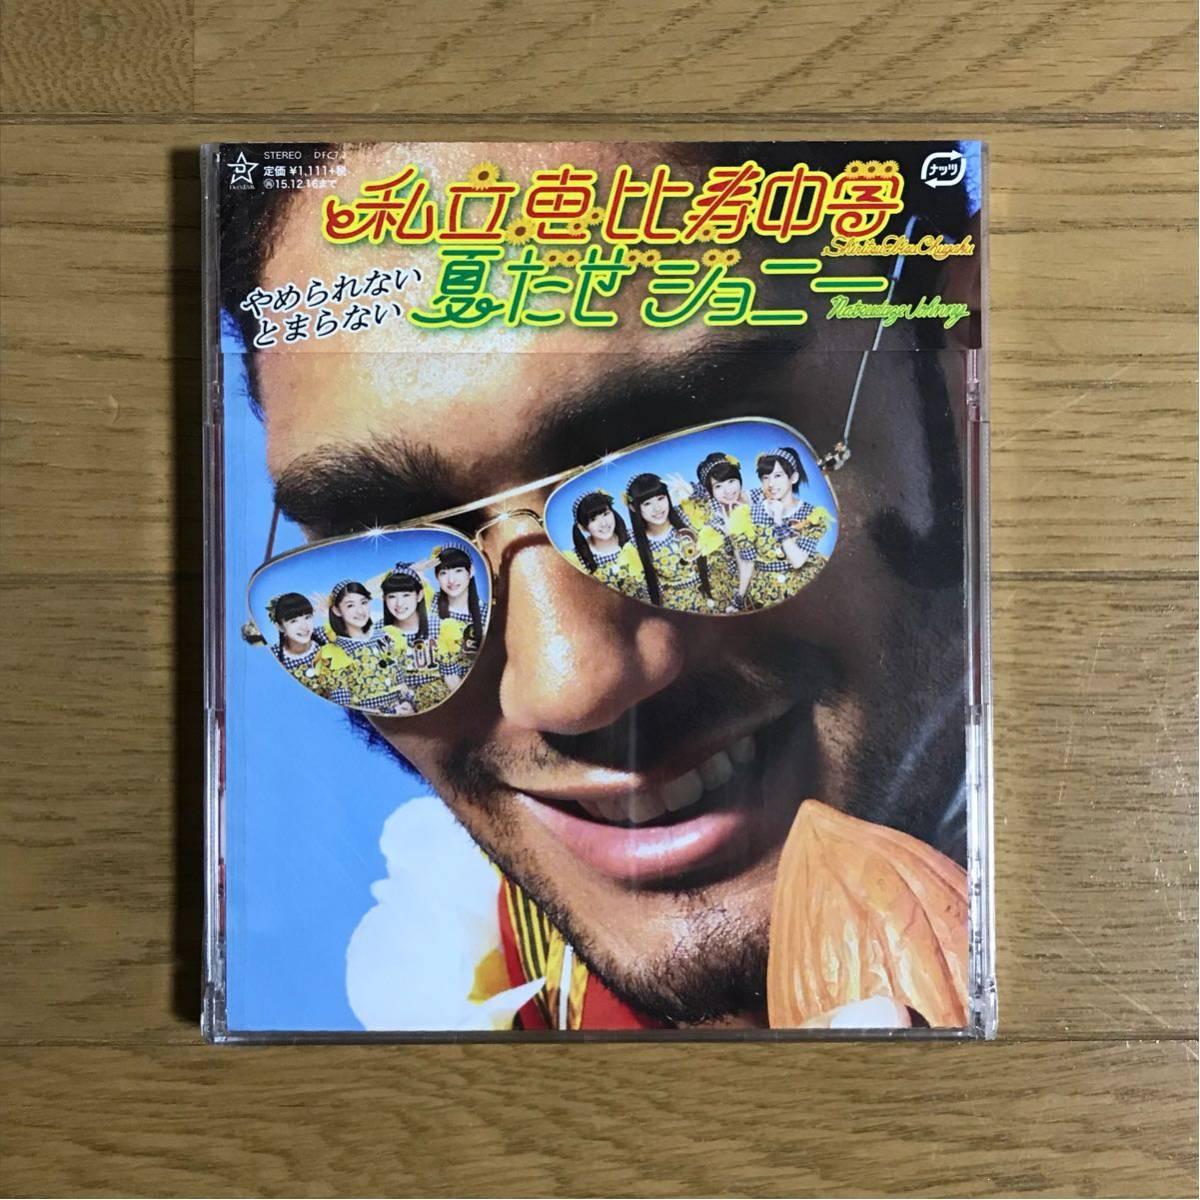 私立恵比寿中学 夏だぜジョニー ツアー会場限定盤 チャラン・ポ・ランタン